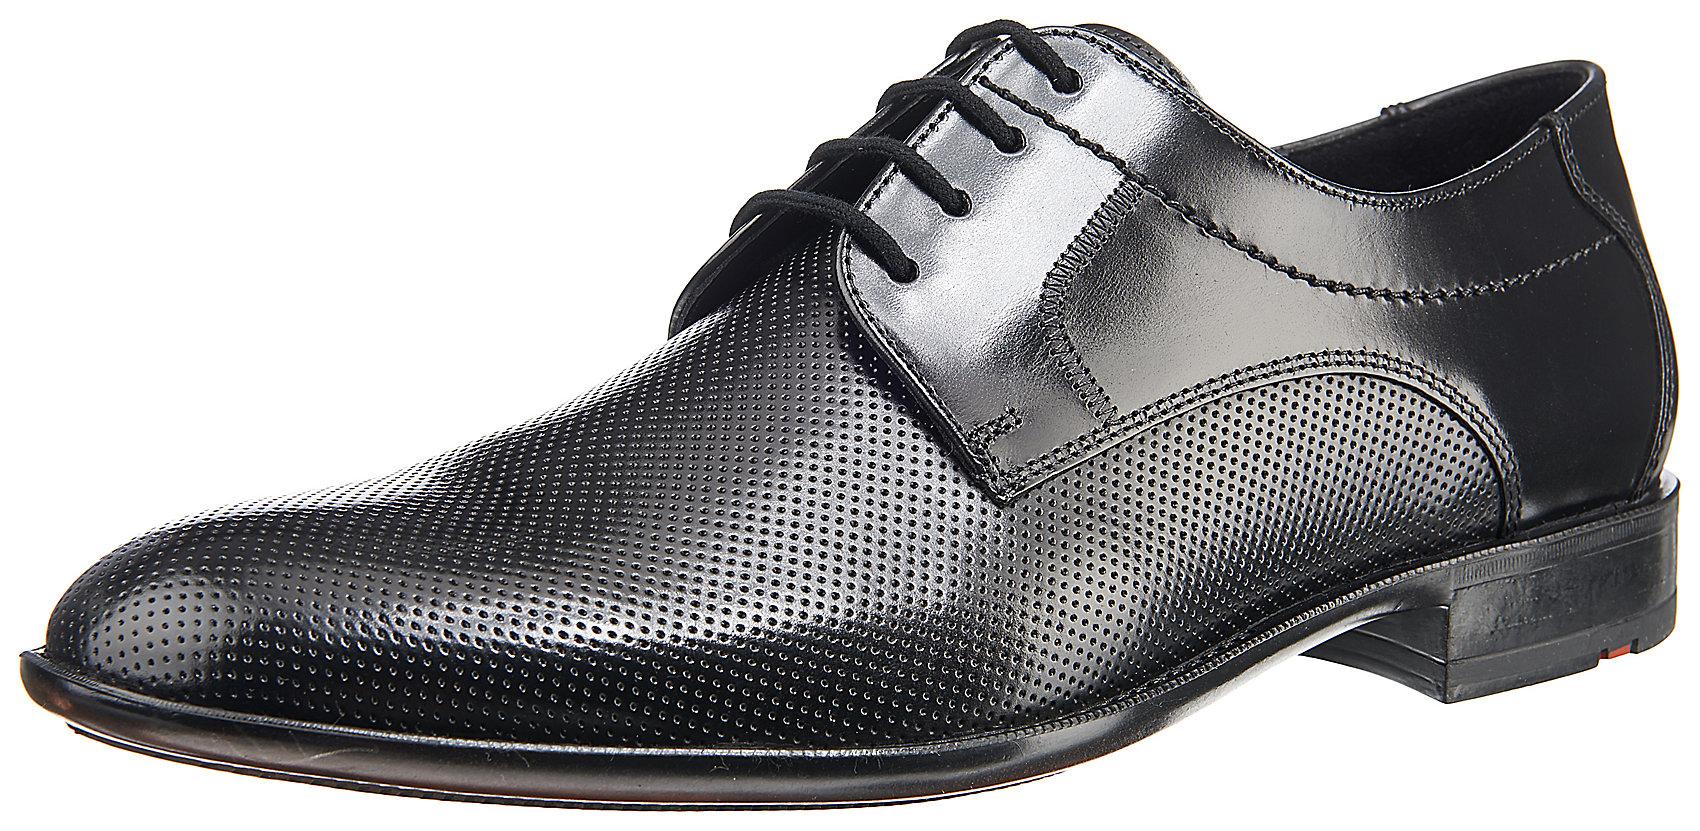 size 40 18da4 bab93 Details zu Neu LLOYD Galdo Business Schuhe 5740316 für Herren schwarz